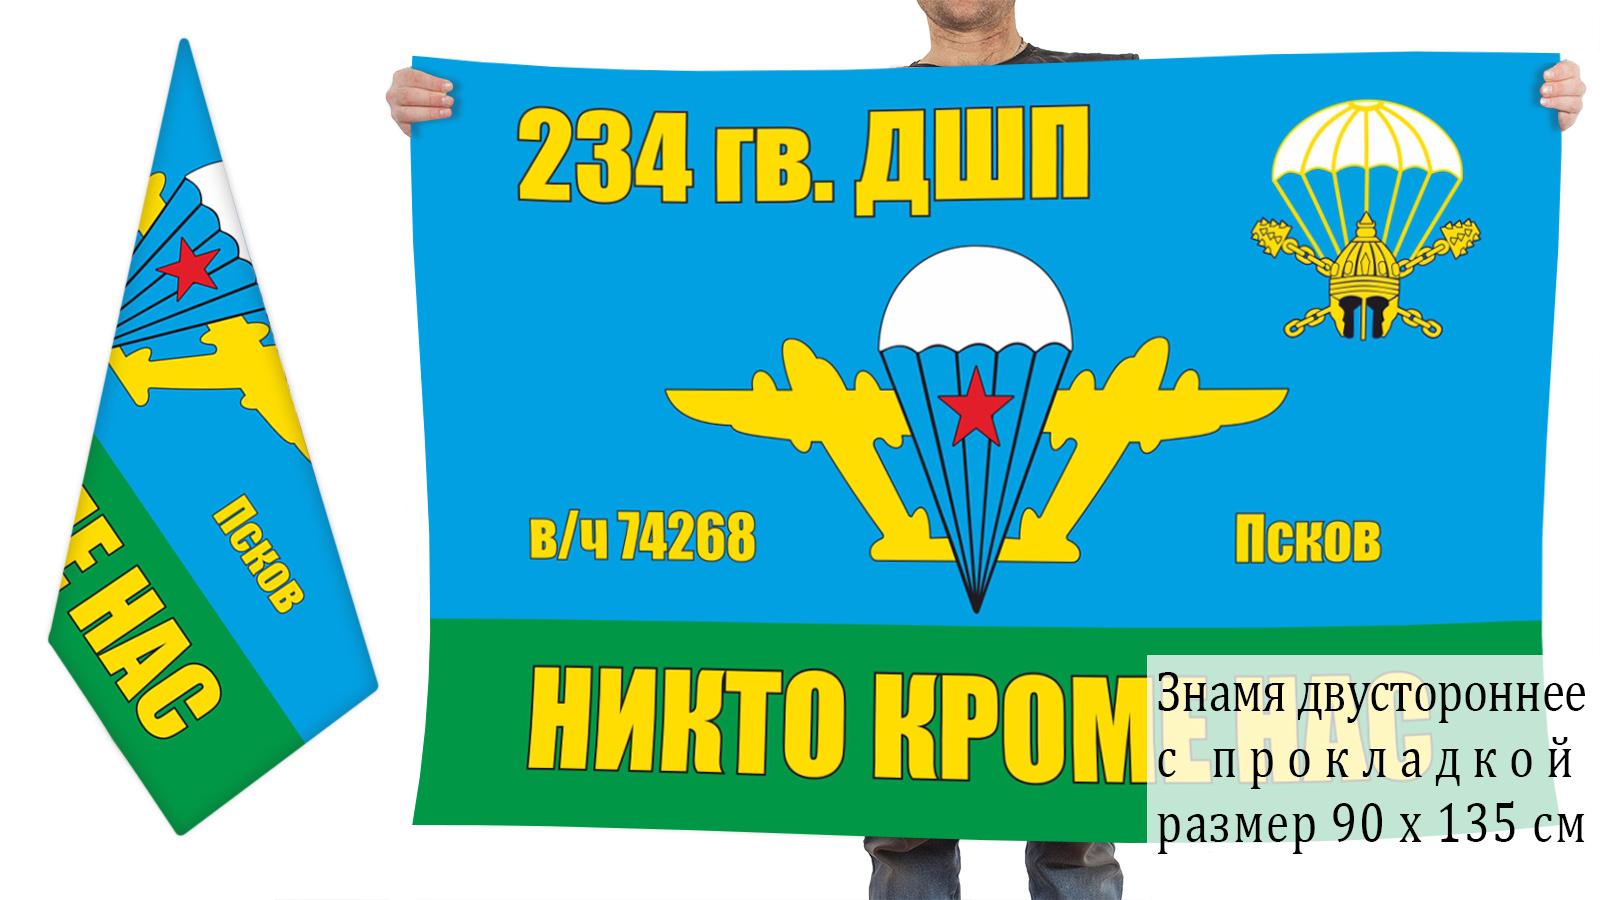 Двусторонний флаг 234 гвардейского ДШП